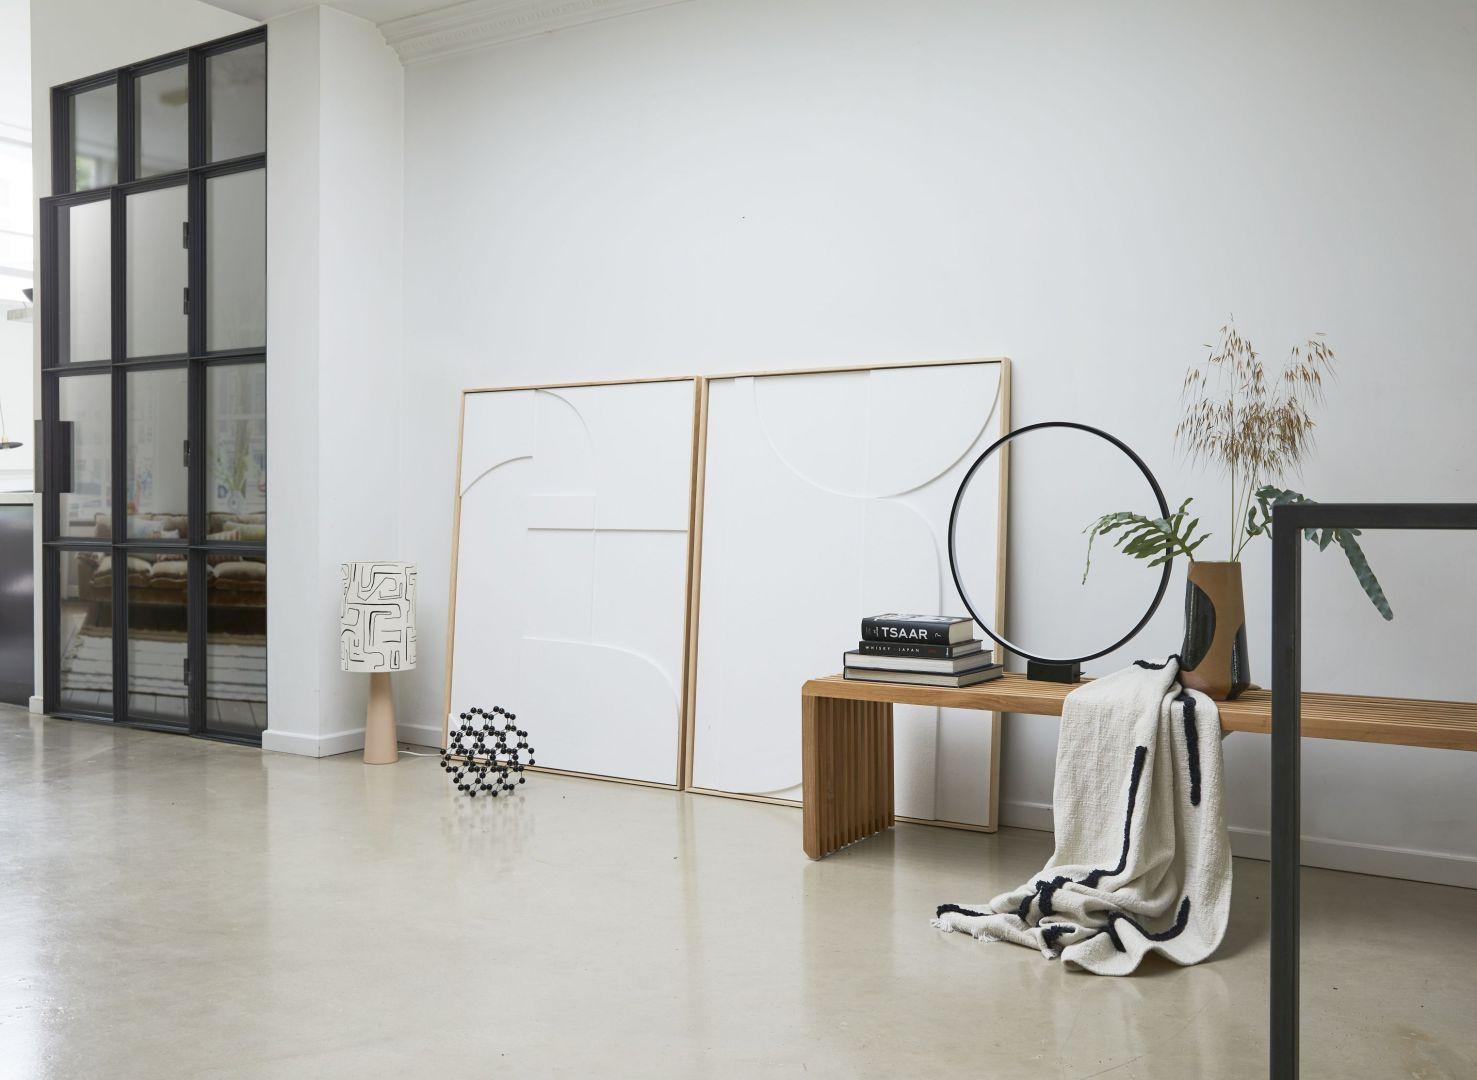 Najnowsza kolekcja mebli, lamp i dekoracyjnych dodatków marki HKliving to eklektyczna mieszanka, która zadziwia spójnością. Do wnętrza wnosi żywy, ale daleki od krzykliwości klimat oraz mnóstwo indywidualności i oryginalności. Fot. HKliving / Dutchhouse.pl